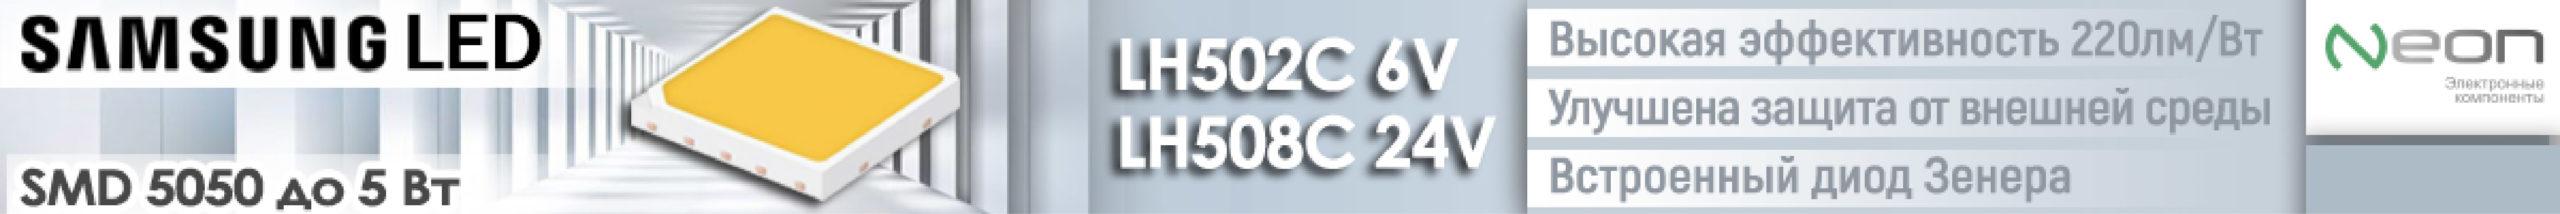 НЕОН-ЭК_Samsung_5050